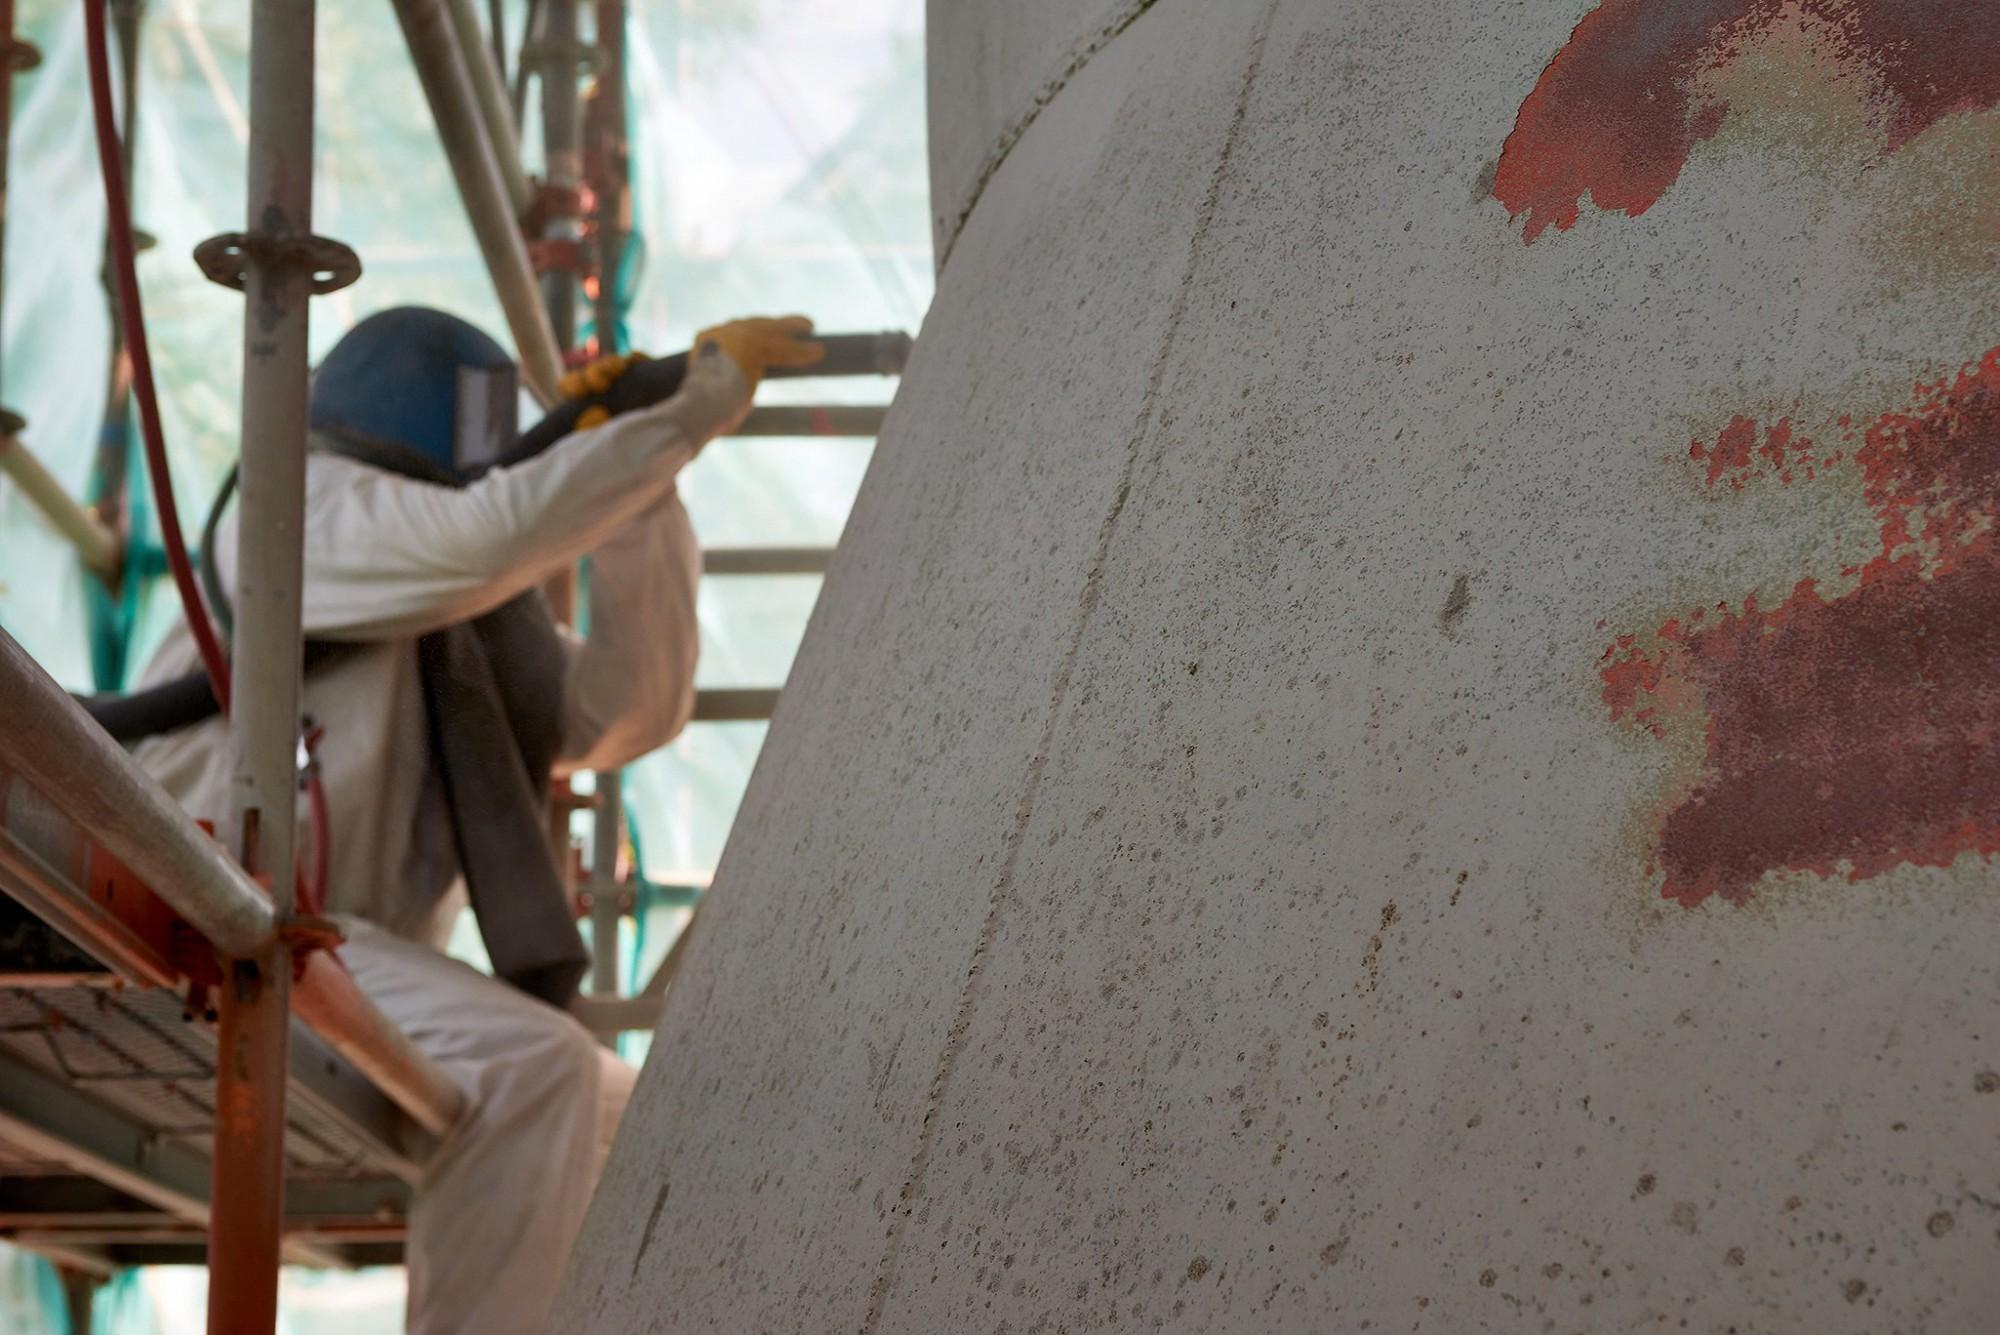 Afbeelding: Industriële fotografie voor AIS, zandstralen van een watertoren.